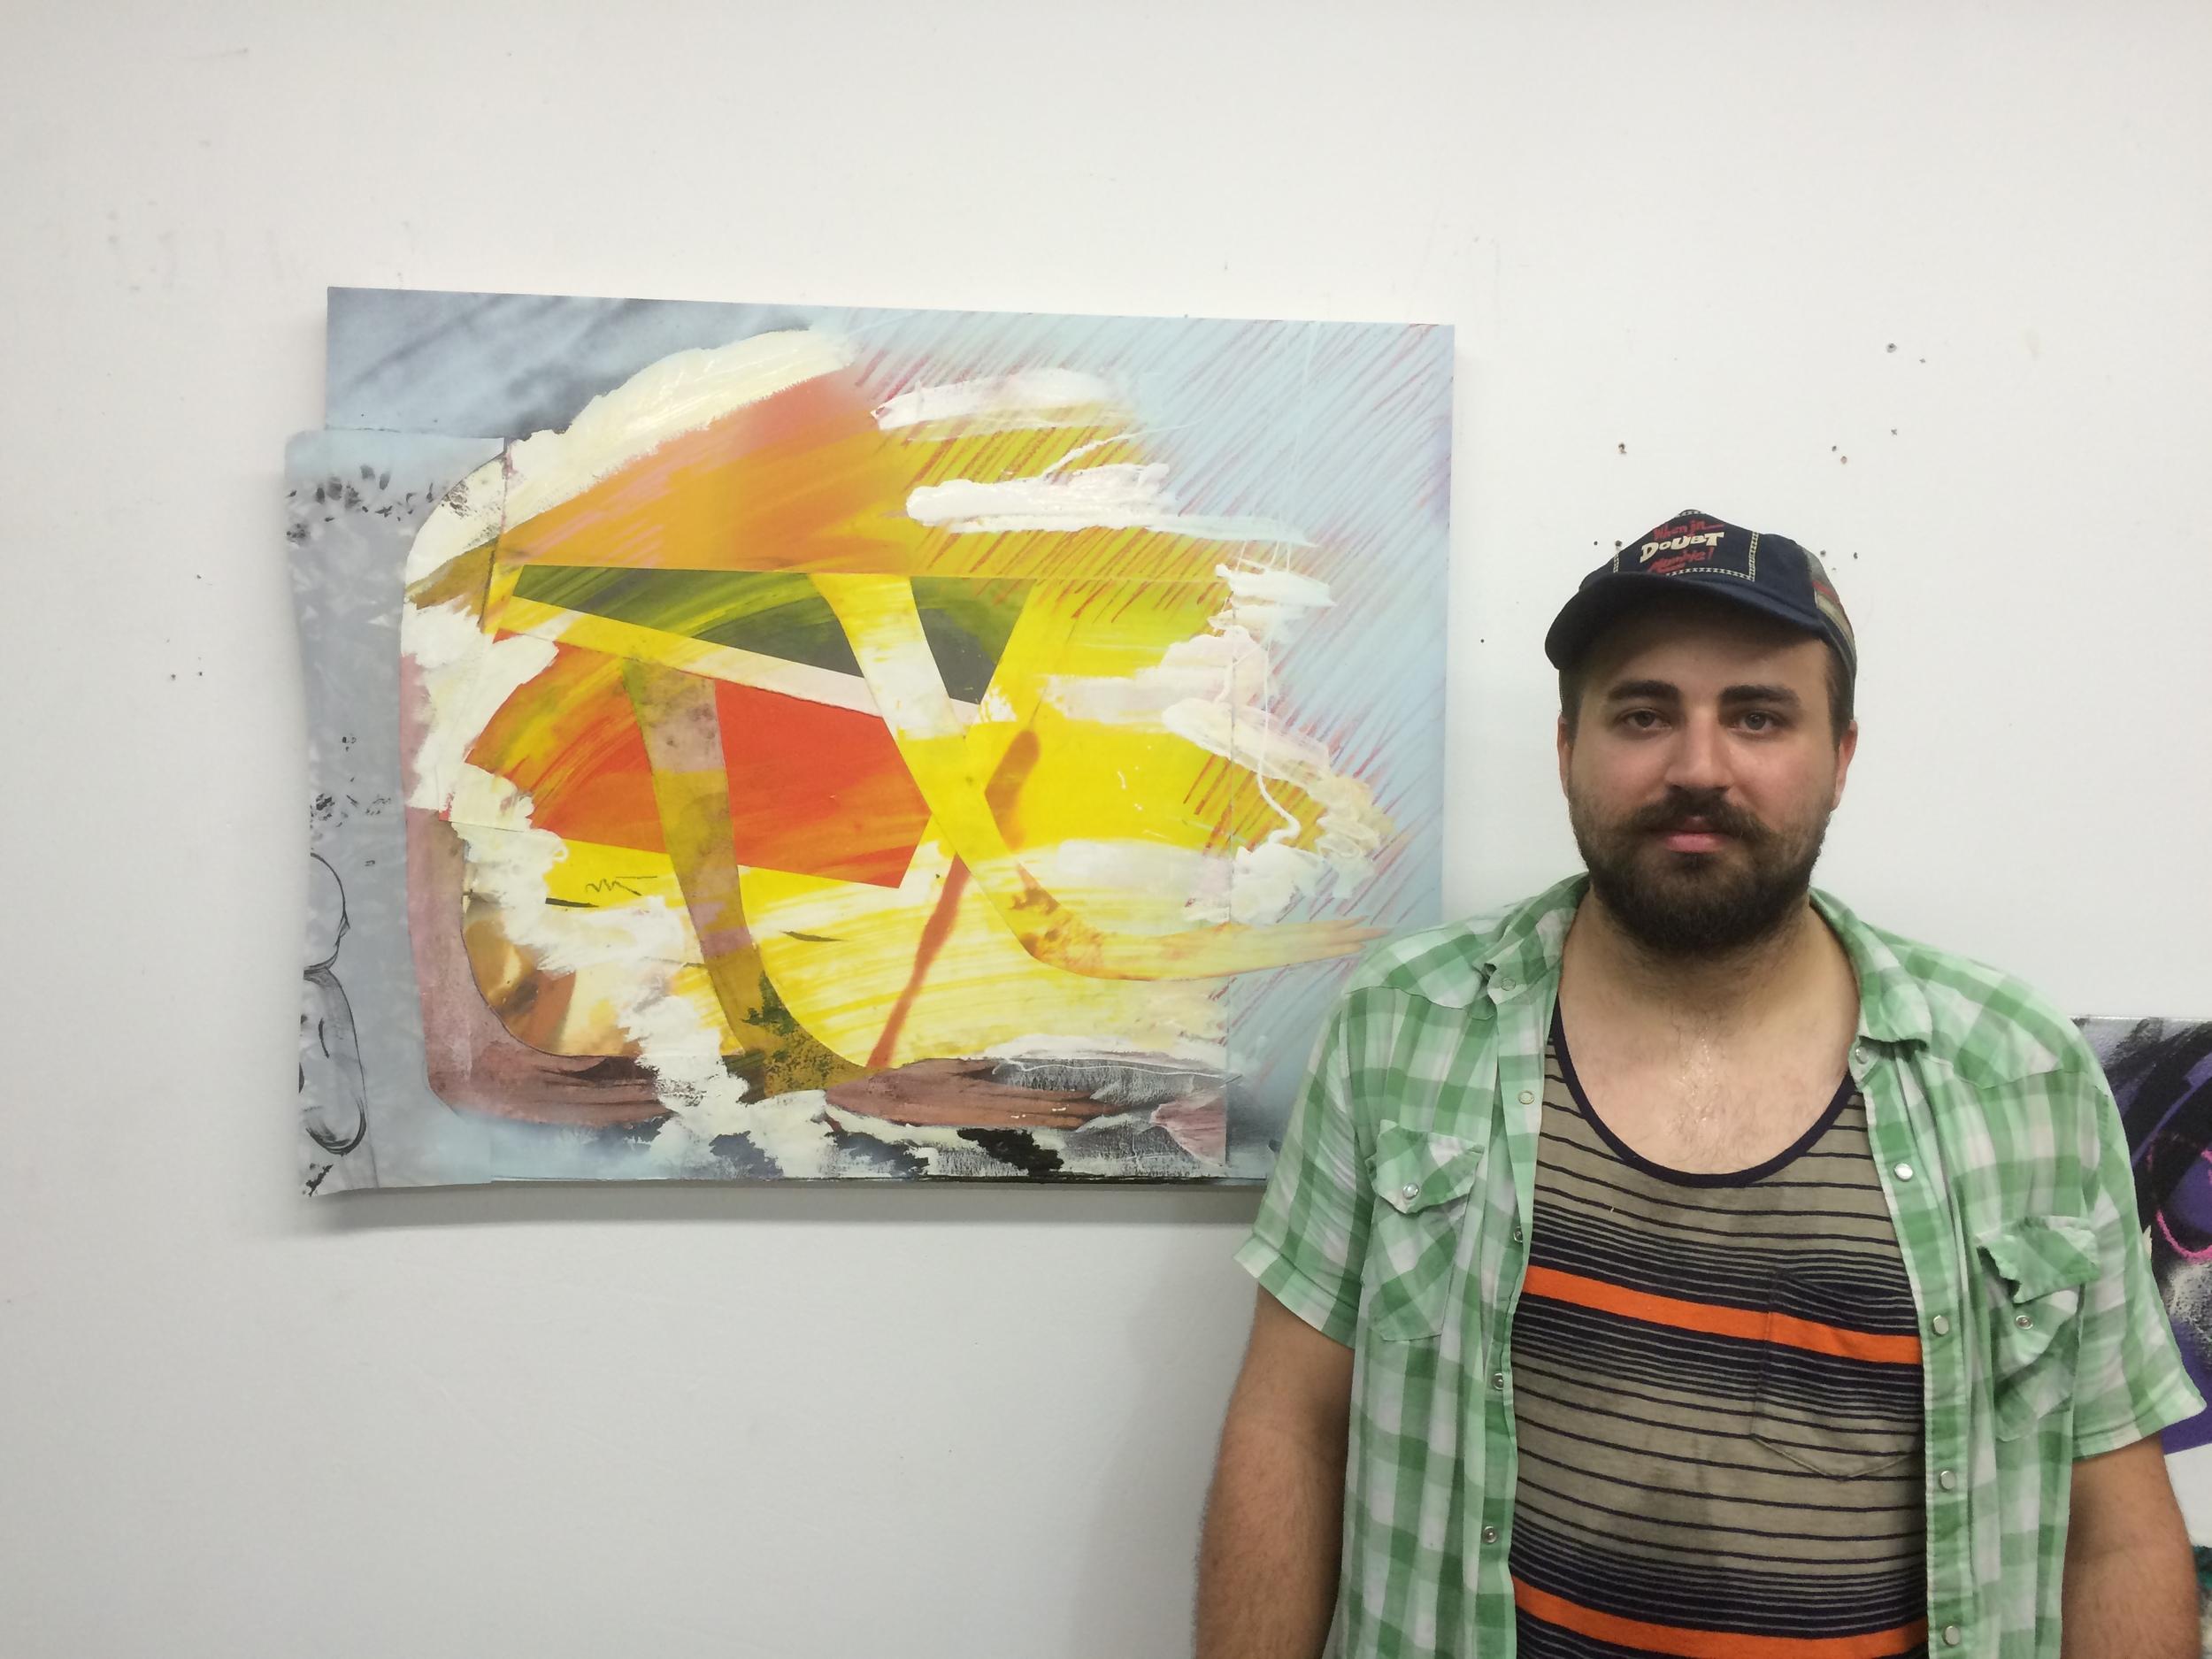 Thom Wharton